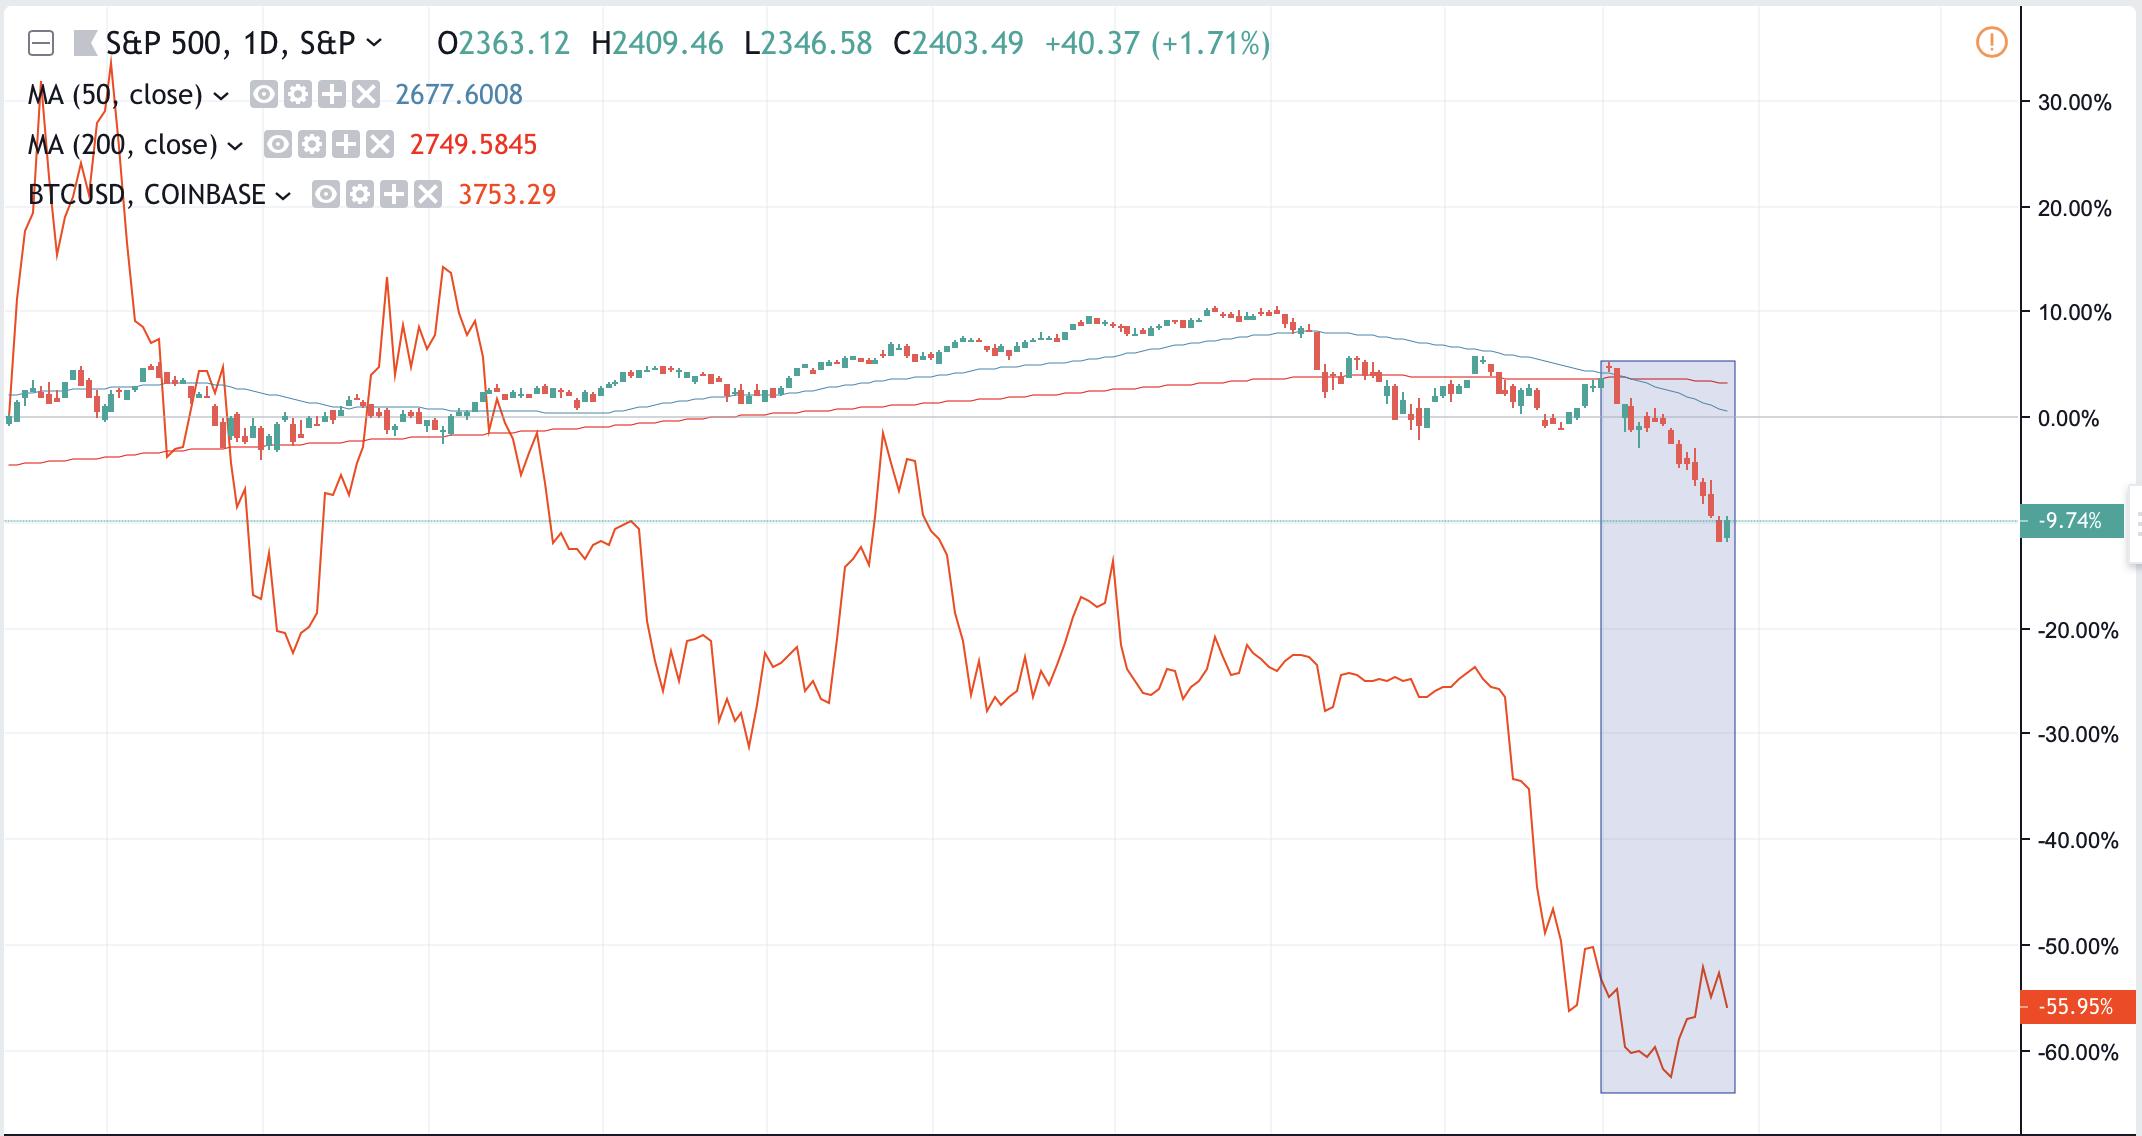 Screenshot 2018 12 26 at 10.59.01 PM - عملکرد بهتر بازار بیت کوین نسبت به دیگر بازارهای مالی در ماه دسامبر